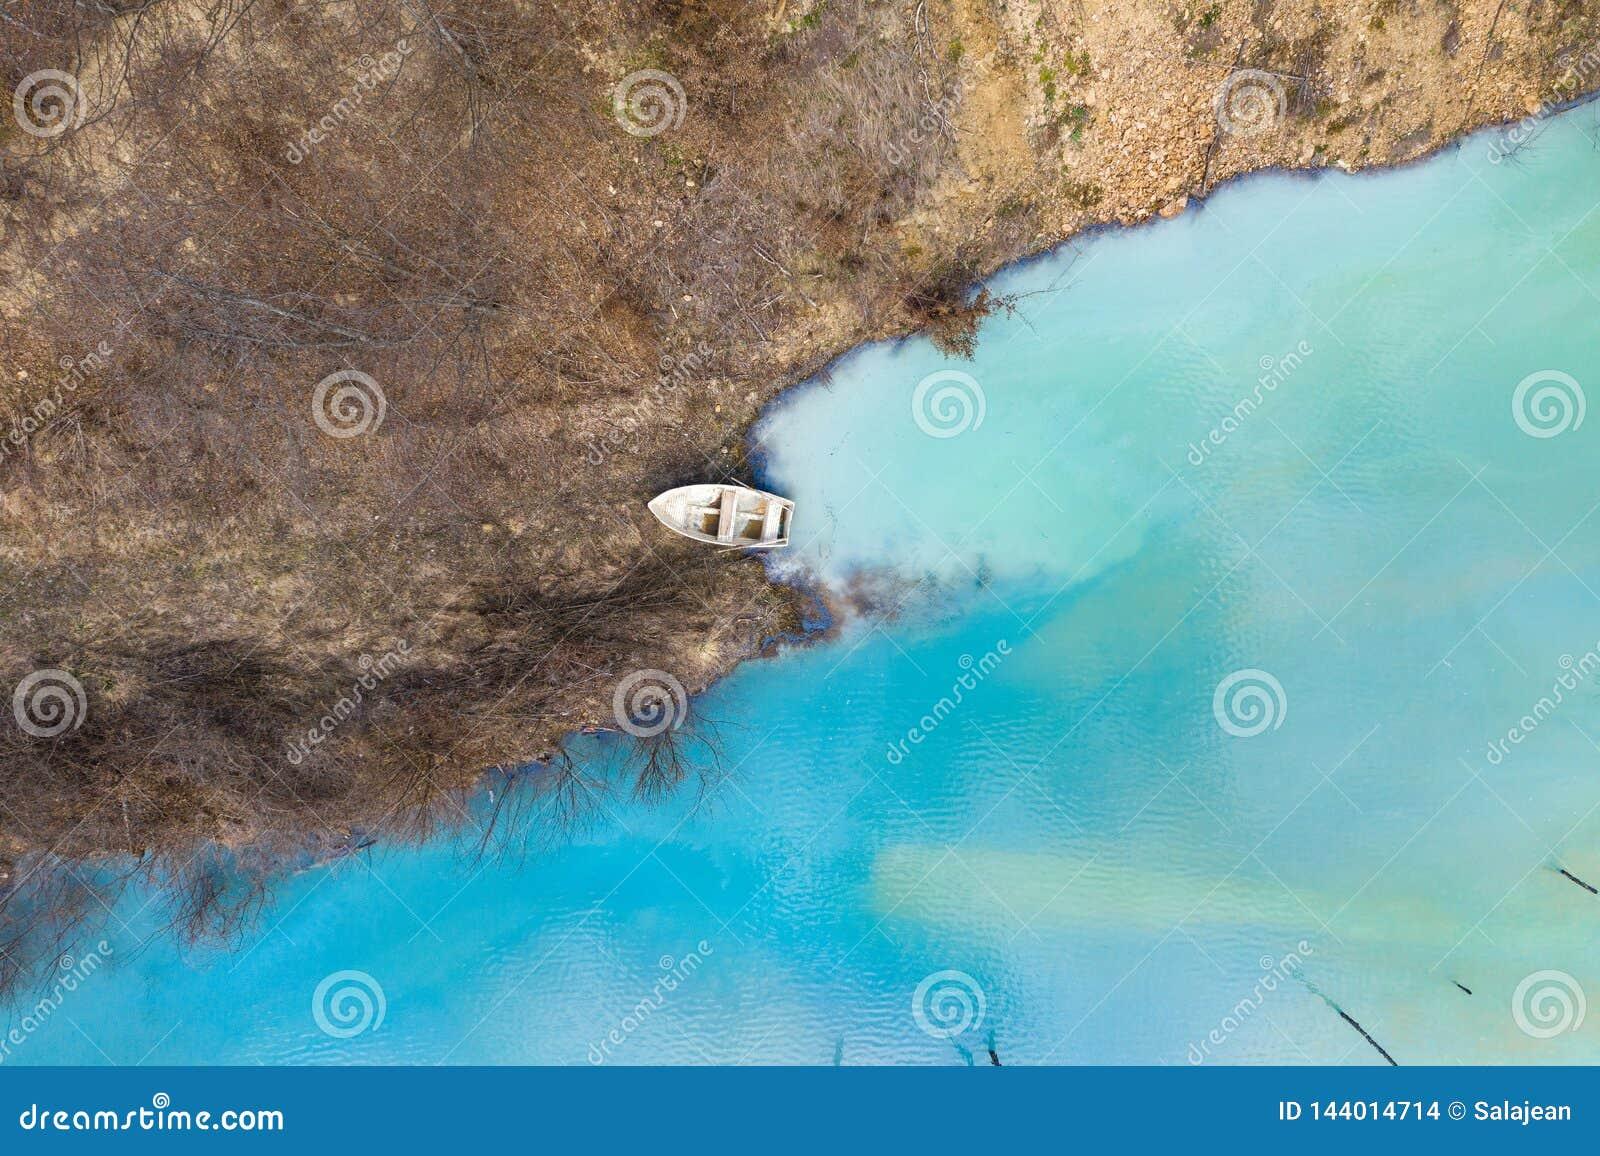 Vue aérienne d un bateau dans un lac de turquoise souillé avec du cyanure